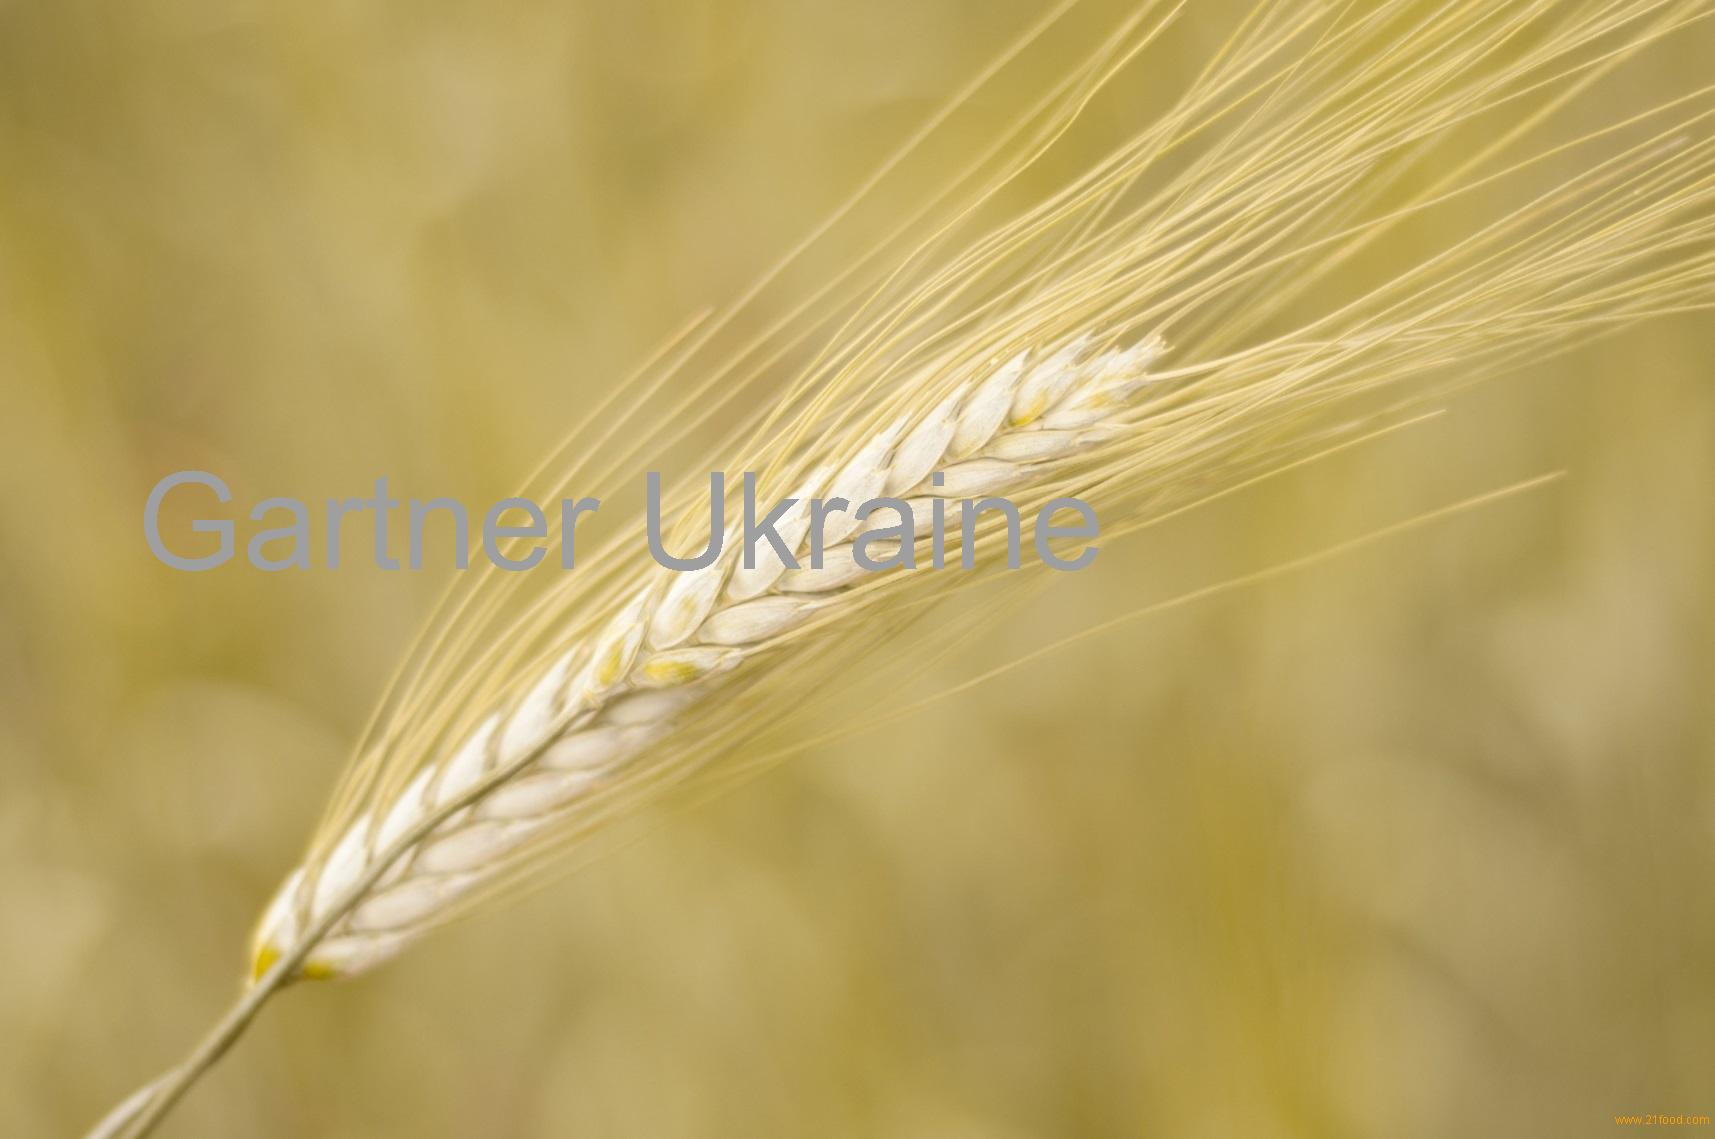 grain of wheat analysis